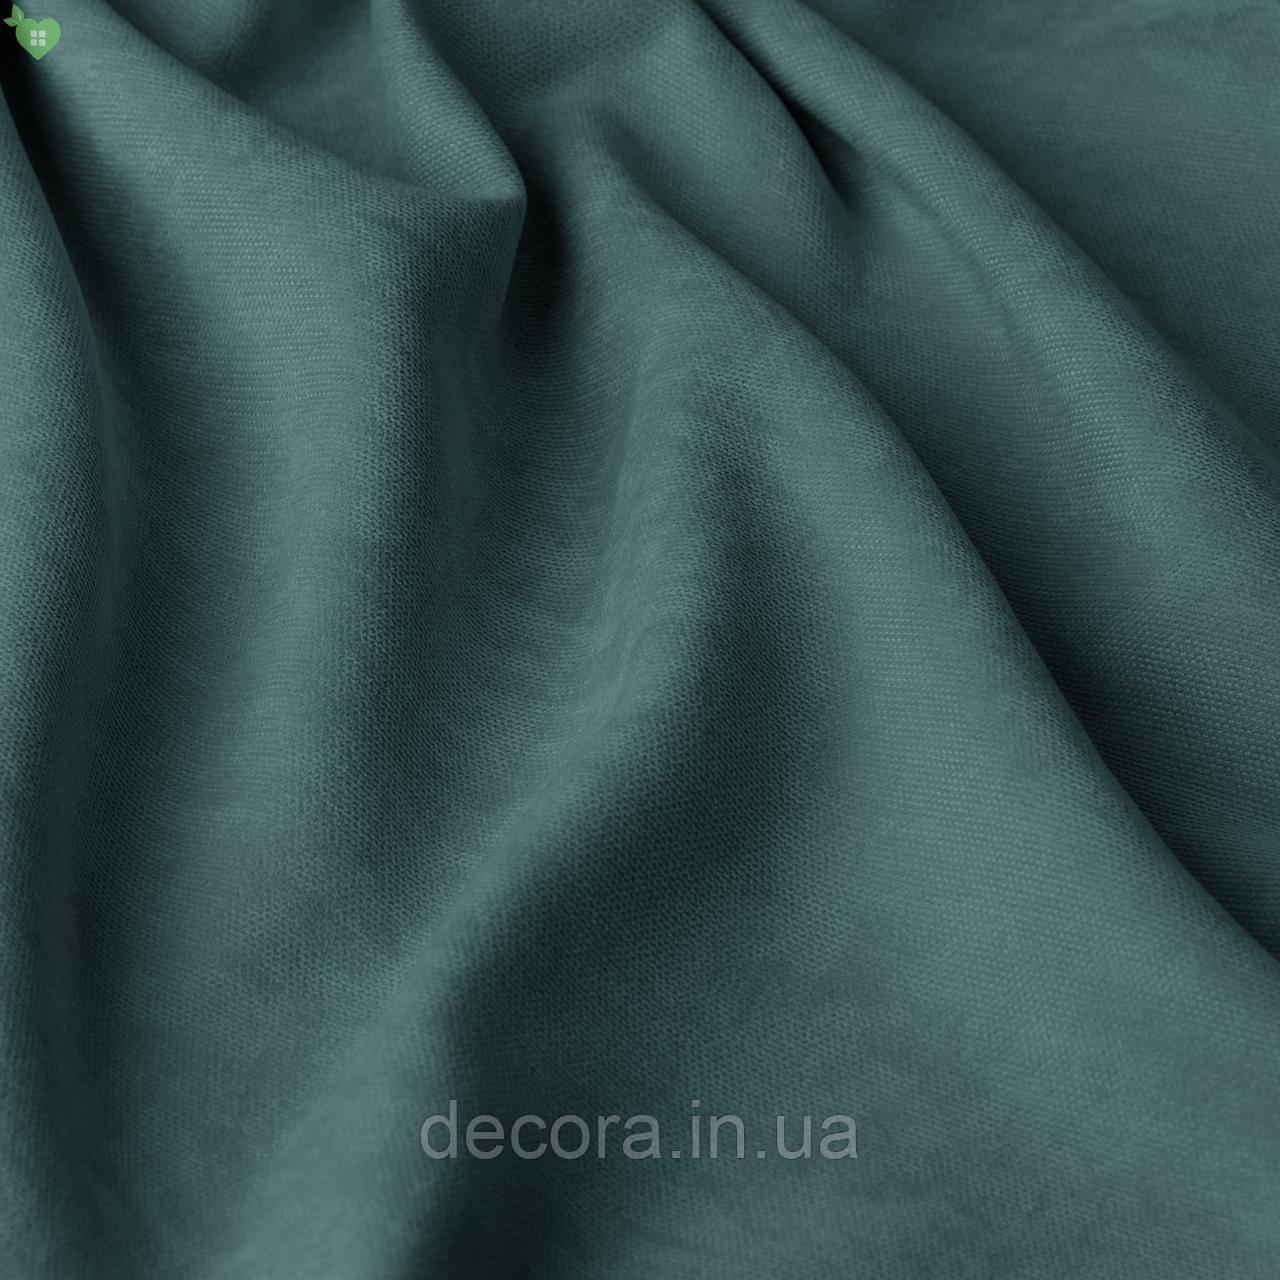 Однотонна декоративна тканина велюр білого кольору, Туреччина 121000v18